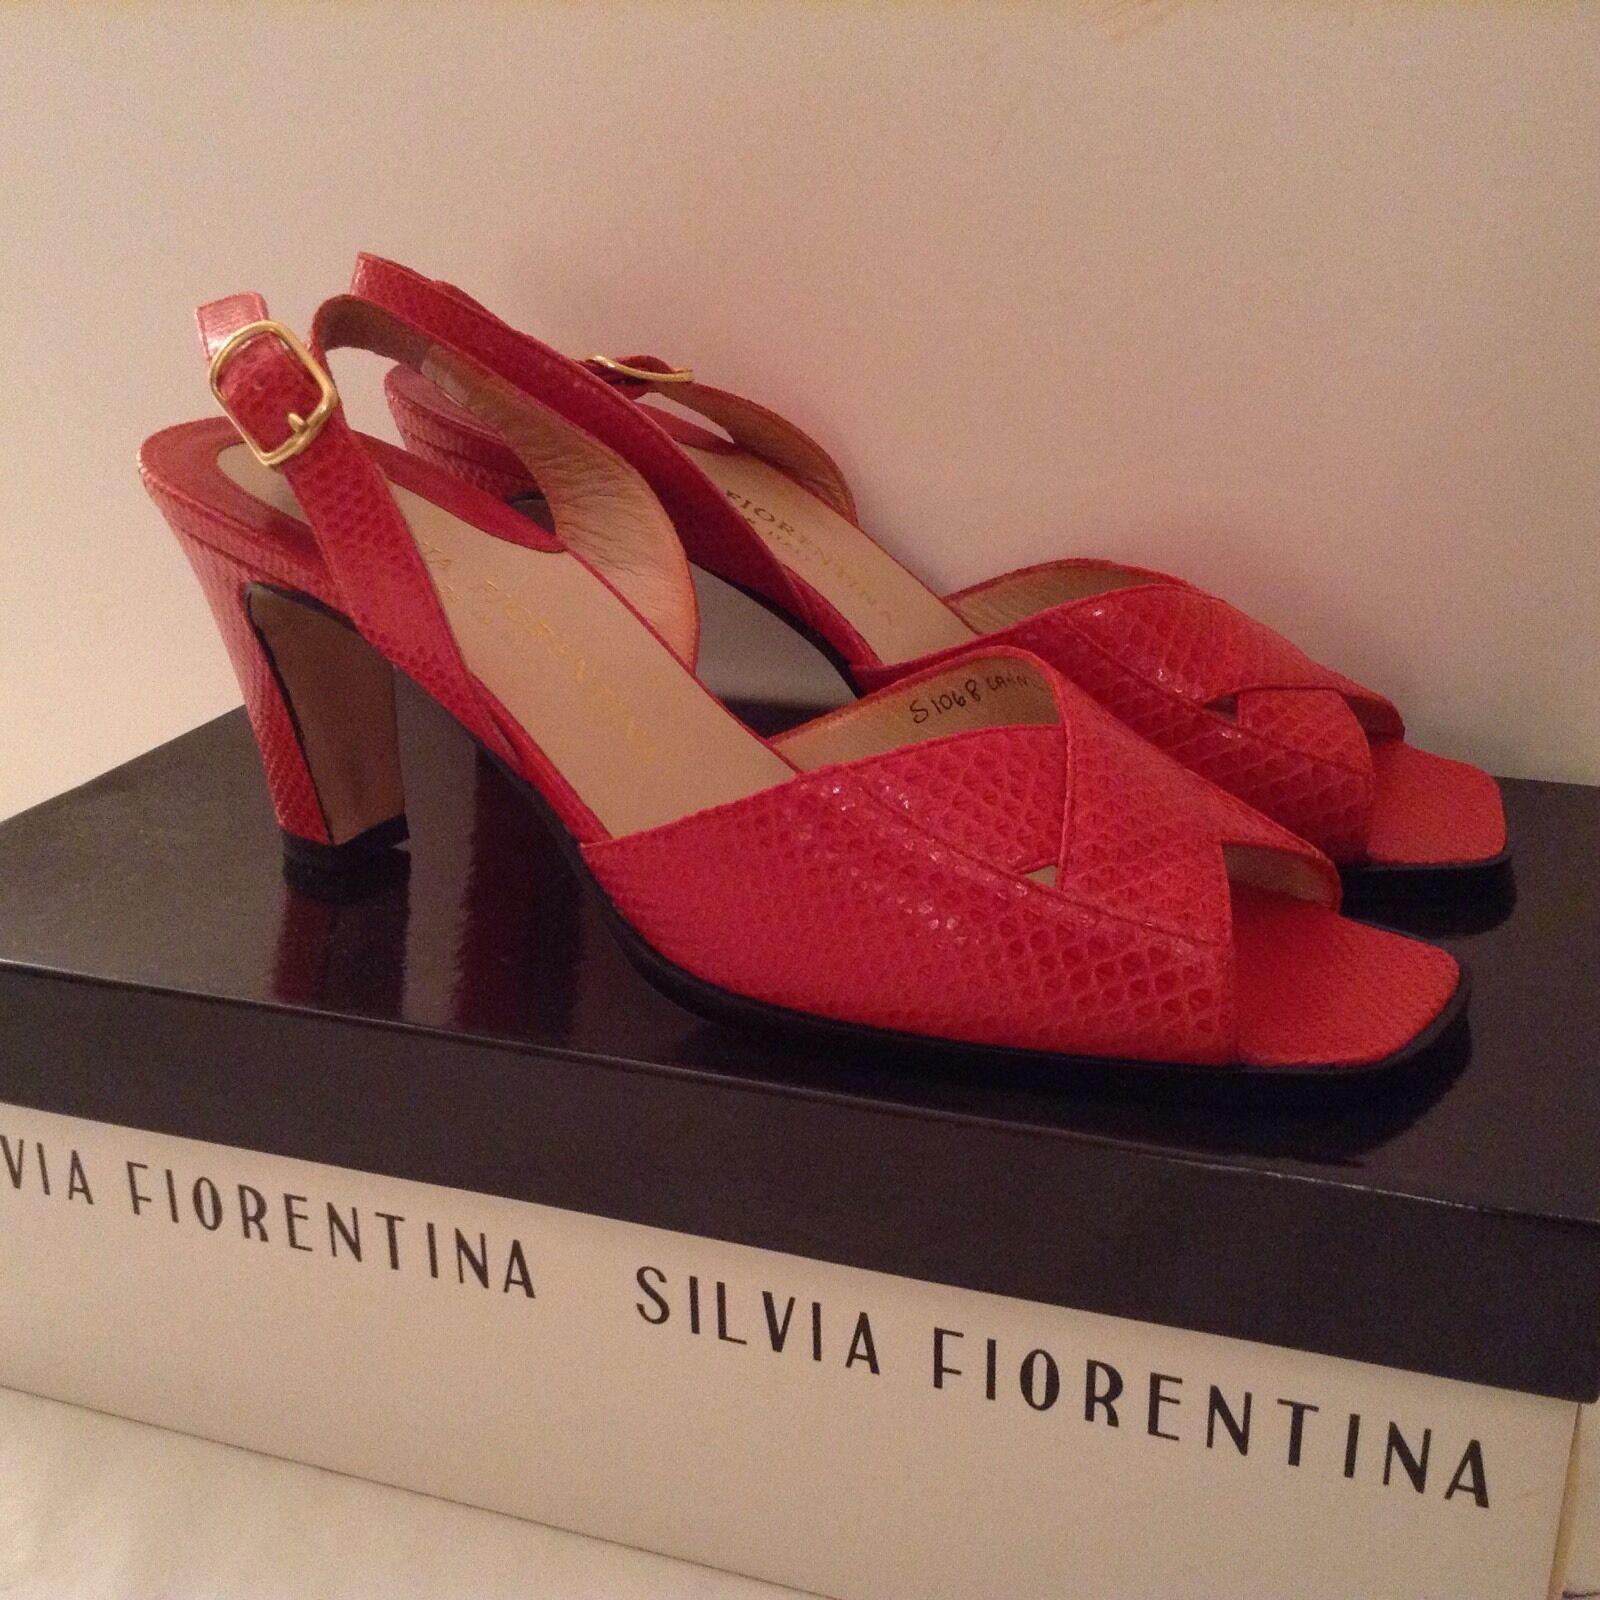 Nuevo Nuevo Nuevo Silvia Fiorentina, Bergdorf Goodman en relieve en cuero en Charol Rojo Talla 7.5  suministro directo de los fabricantes